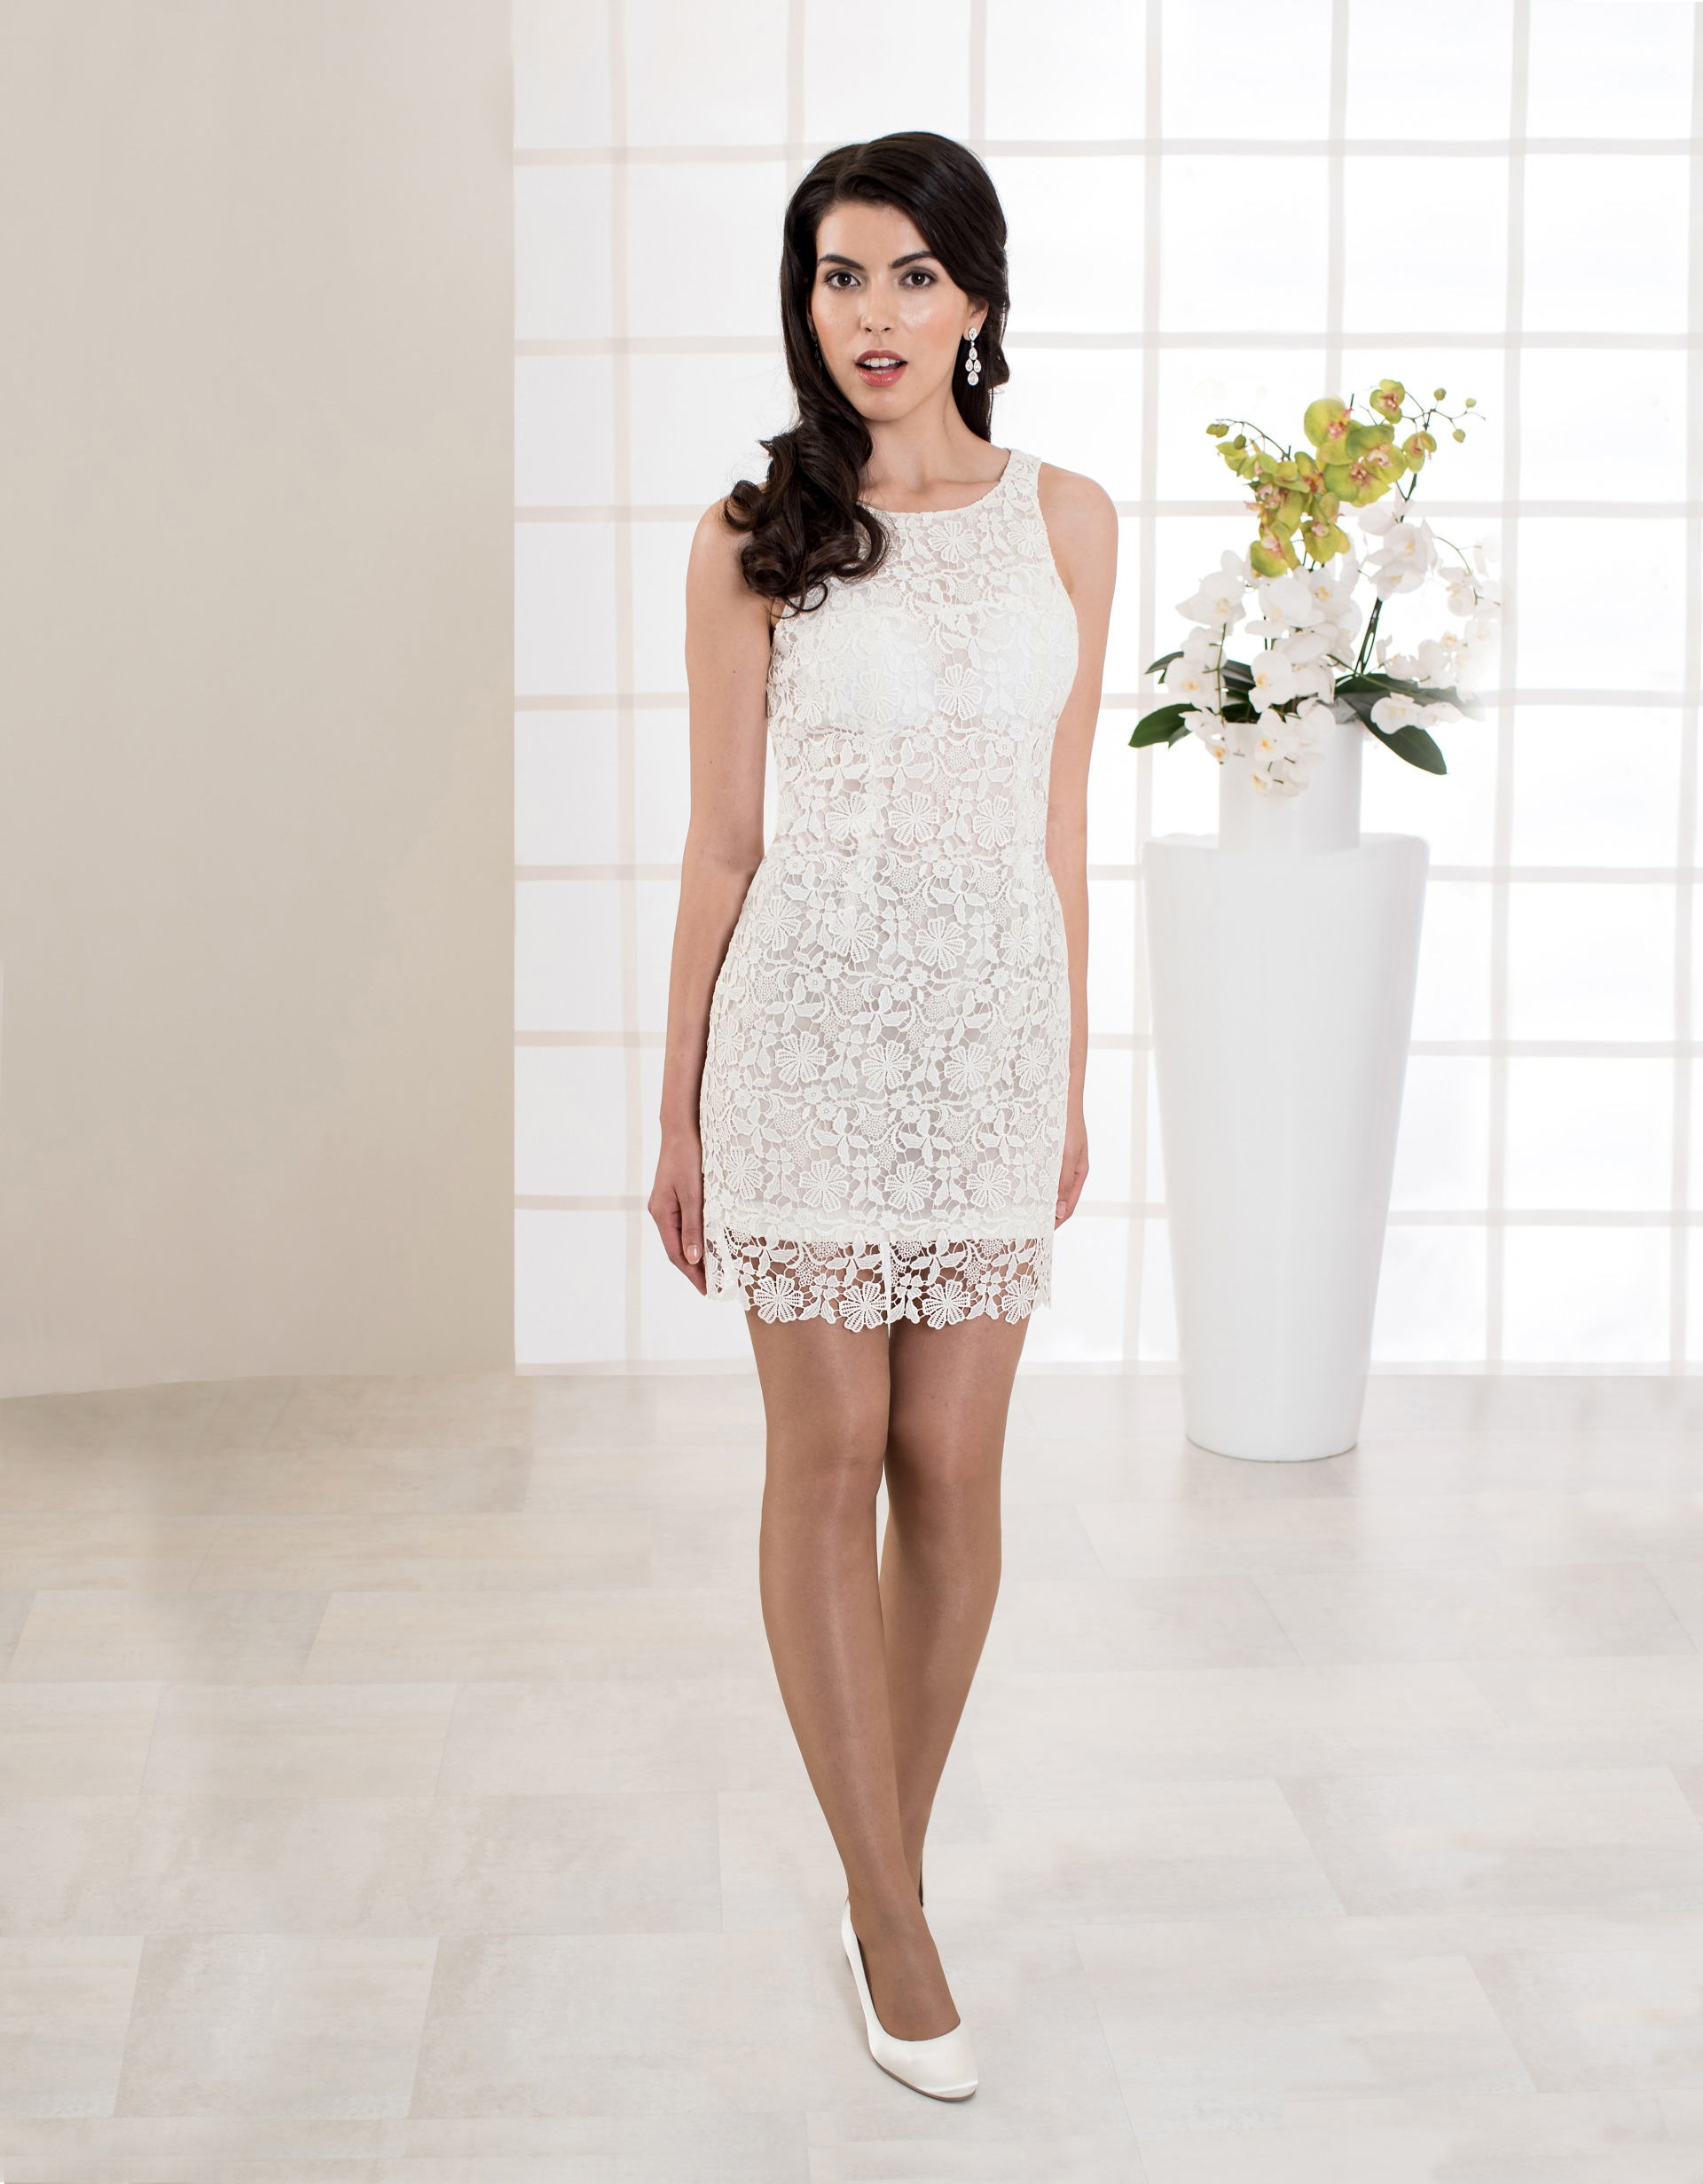 Kurzes Brautkleid aus Spitze mit schmalen Trägern und Rückenausschnitt vorne